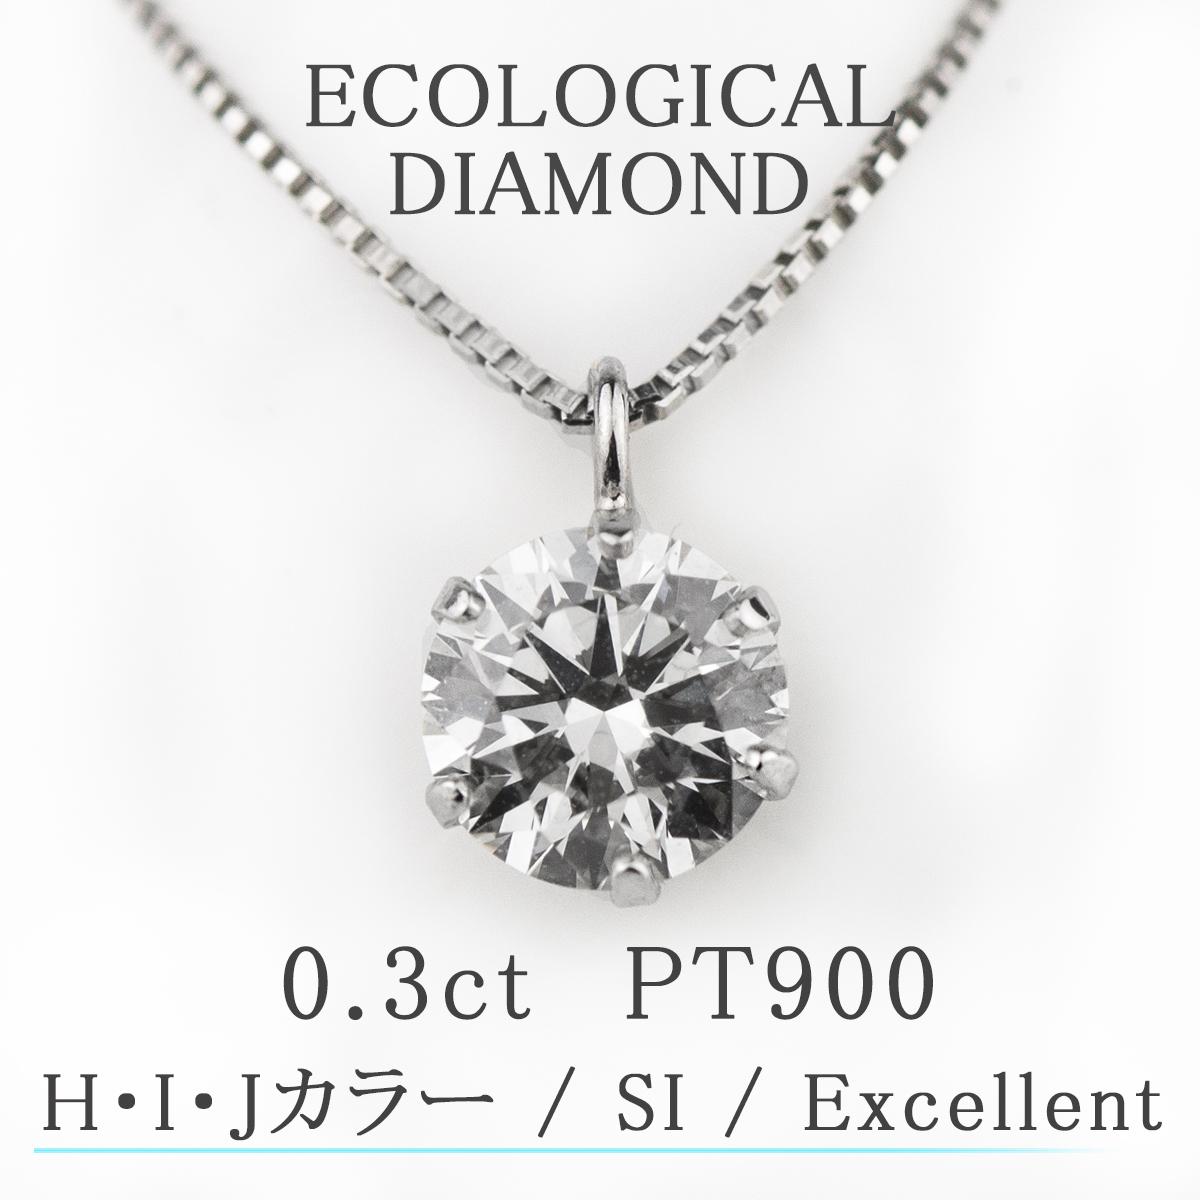 Pt ダイヤモンド ネックレス 0.3ct 合成ダイヤモンドSiクラス HIJカラー EX(エクセレントカット)鑑定書付 天然ダイヤモンドの 0.2ctのご予算で0.3ctの ダイヤモンド ペンダントを